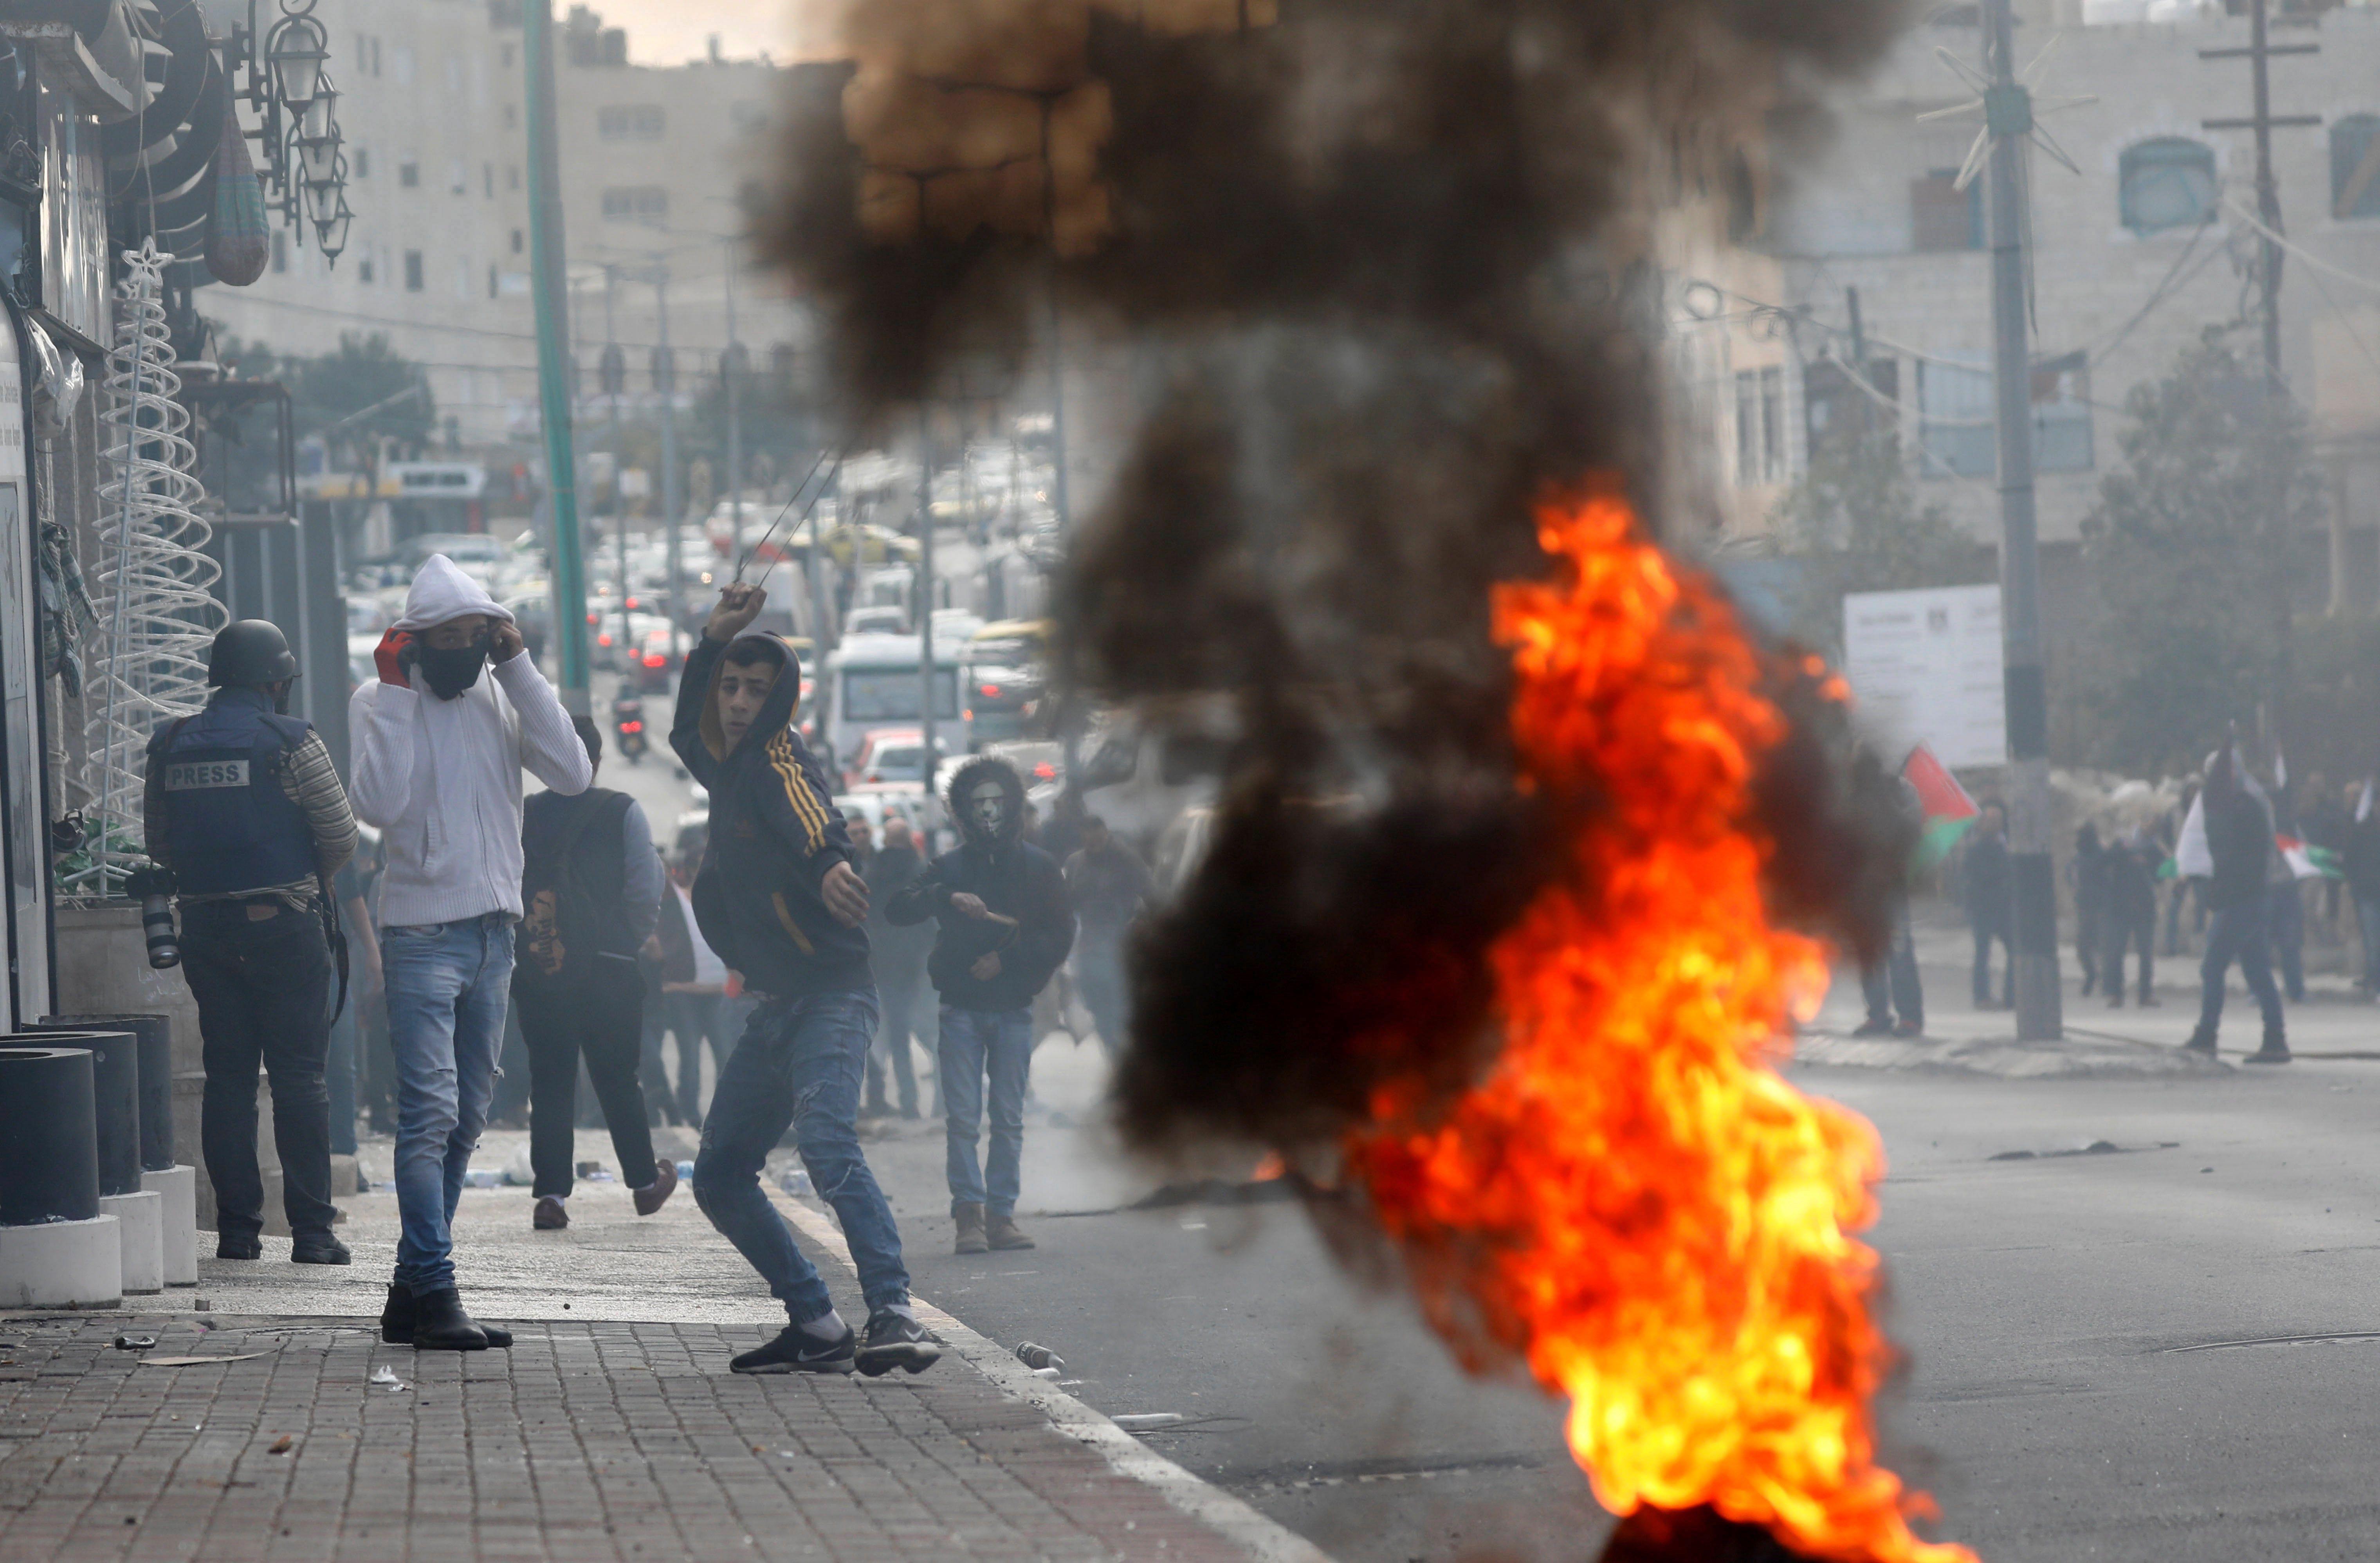 Un palestí llançar pedres contra les tropes israelianes durant una manifestació contra la decisió del president dels EUA, Donald Trump, de reconèixer Jerusalem com la capital d'Israel. /ABED AL HASHLAMOUN